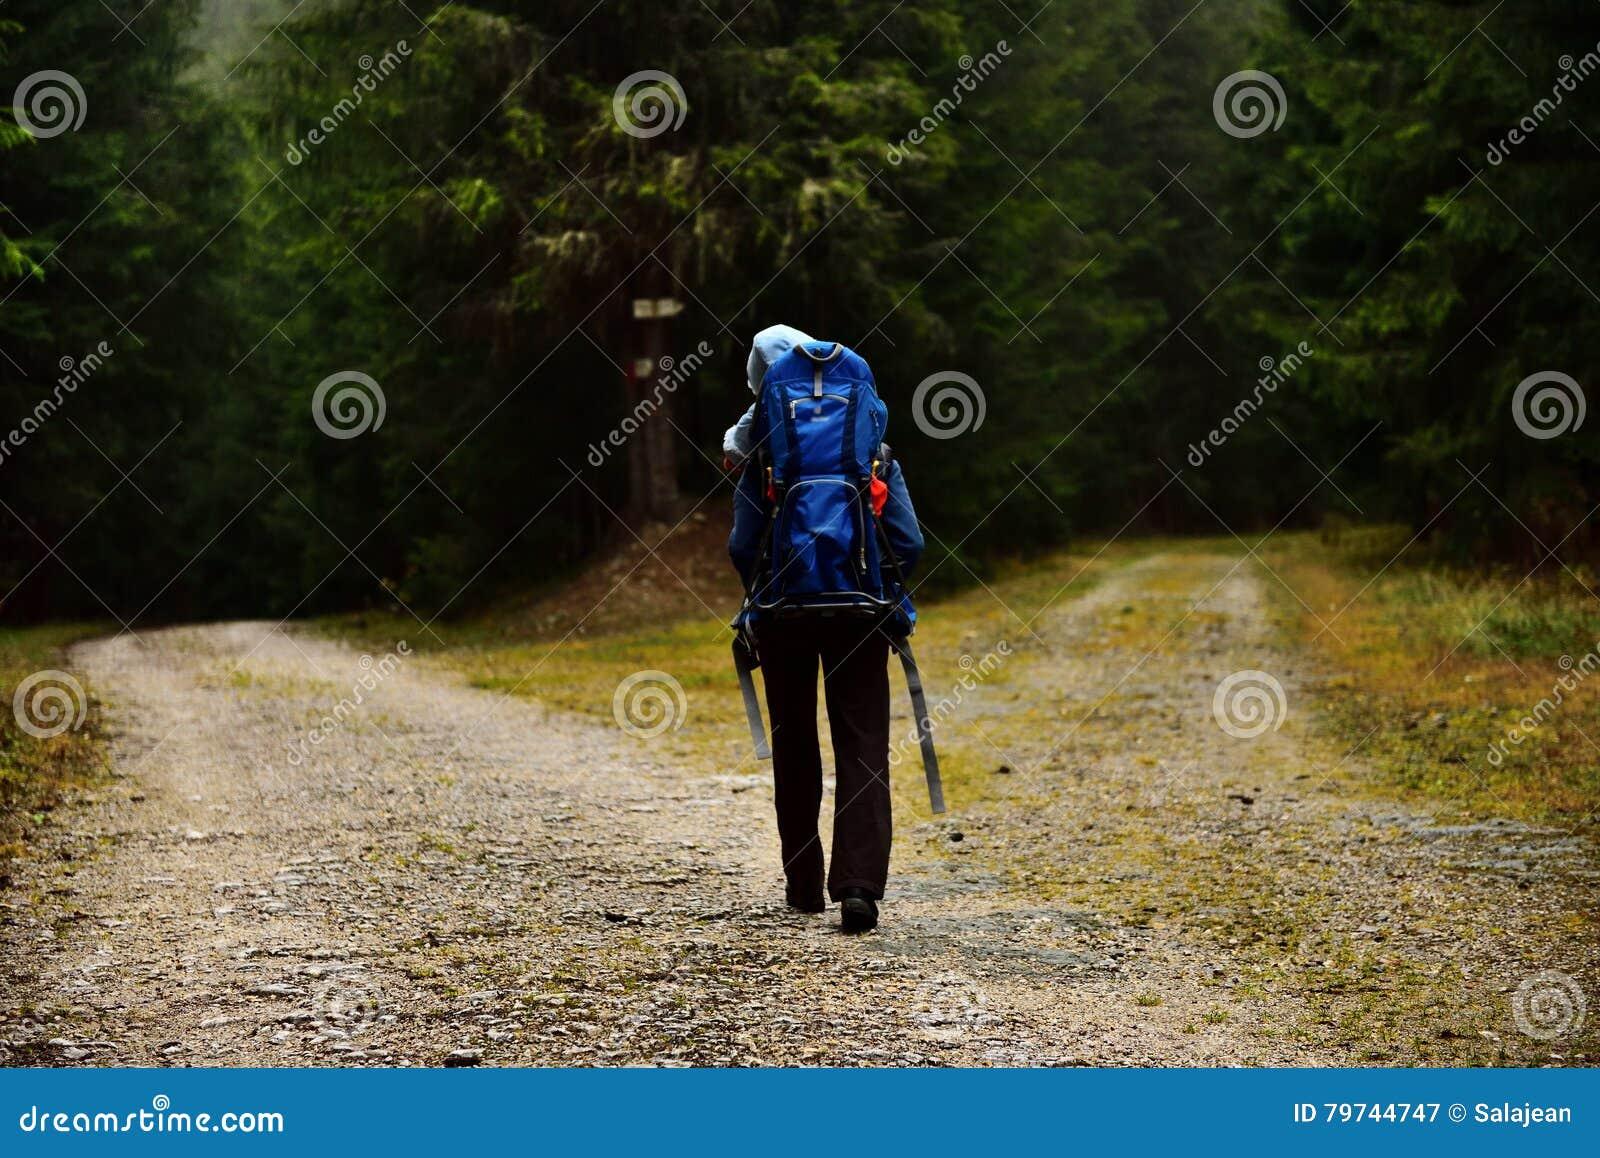 d97d7e9b7ef Young Mother Trekking